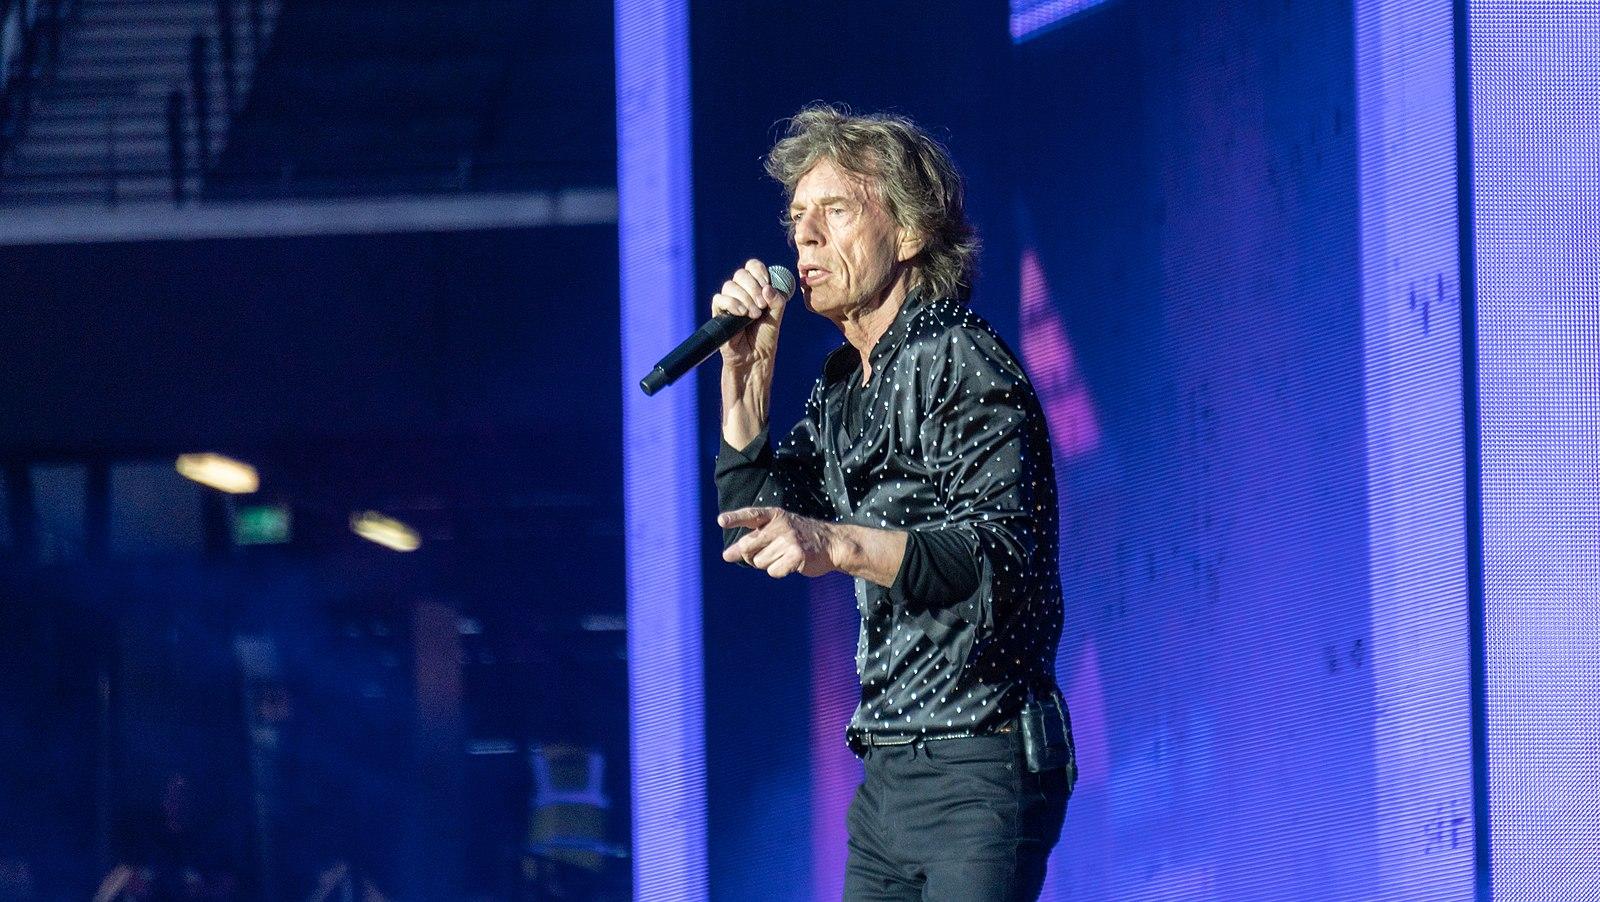 La Sicilia ispira Mick Jagger:  una nuova canzone con Dave Grohl